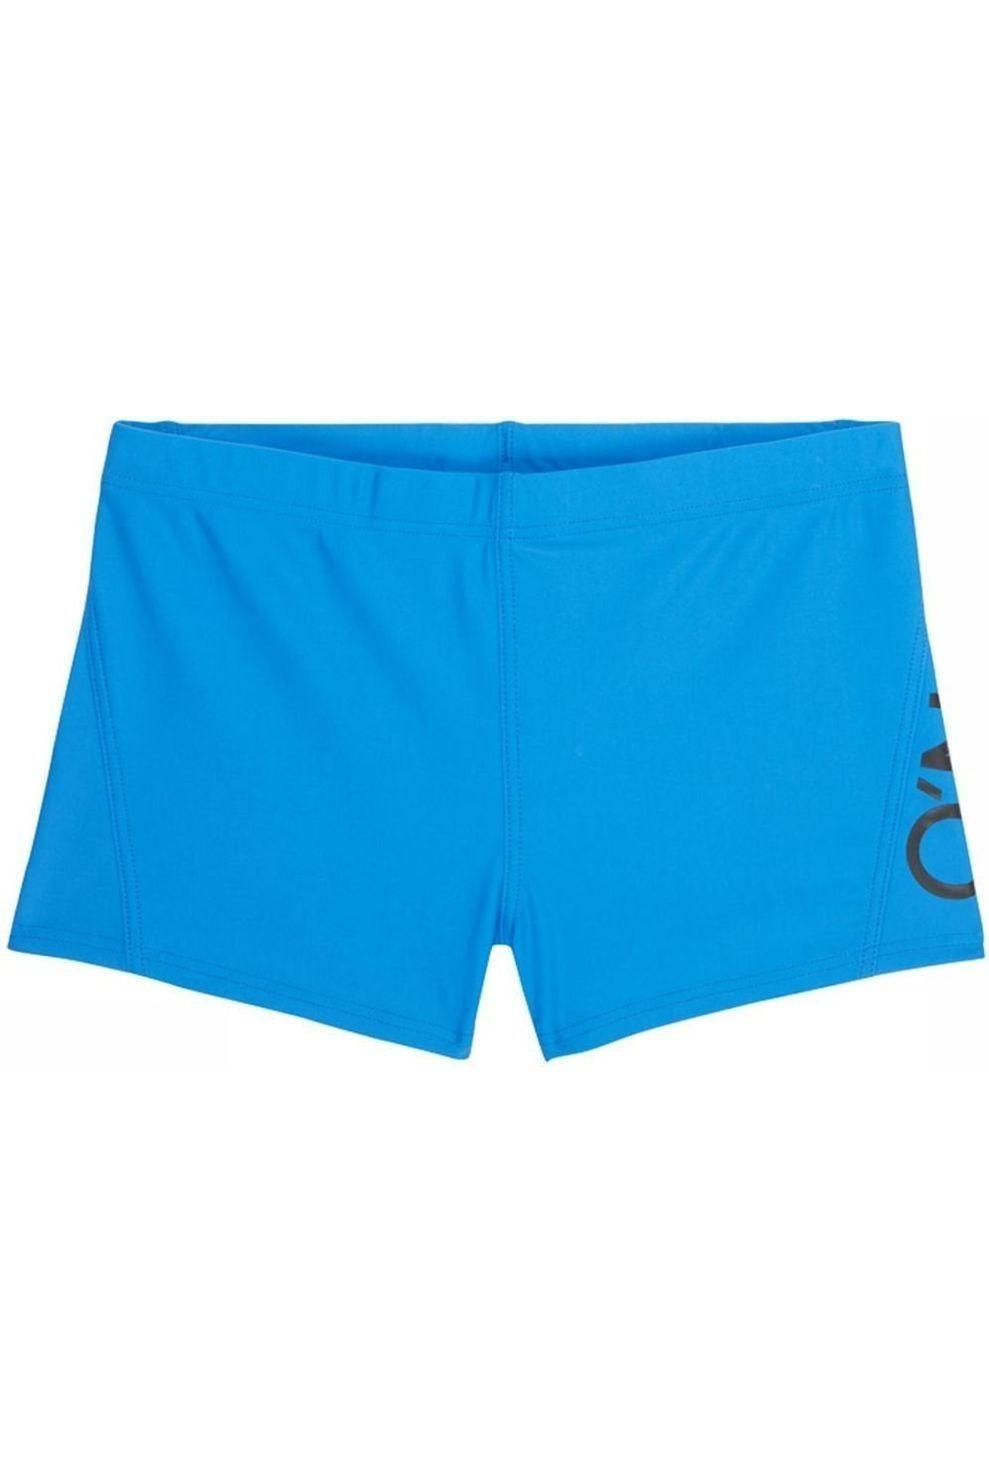 O'Neill Slip Pb Cali Swimtrunks voor jongens - Blauw - Maten: 128, 140, 152, 164, 176